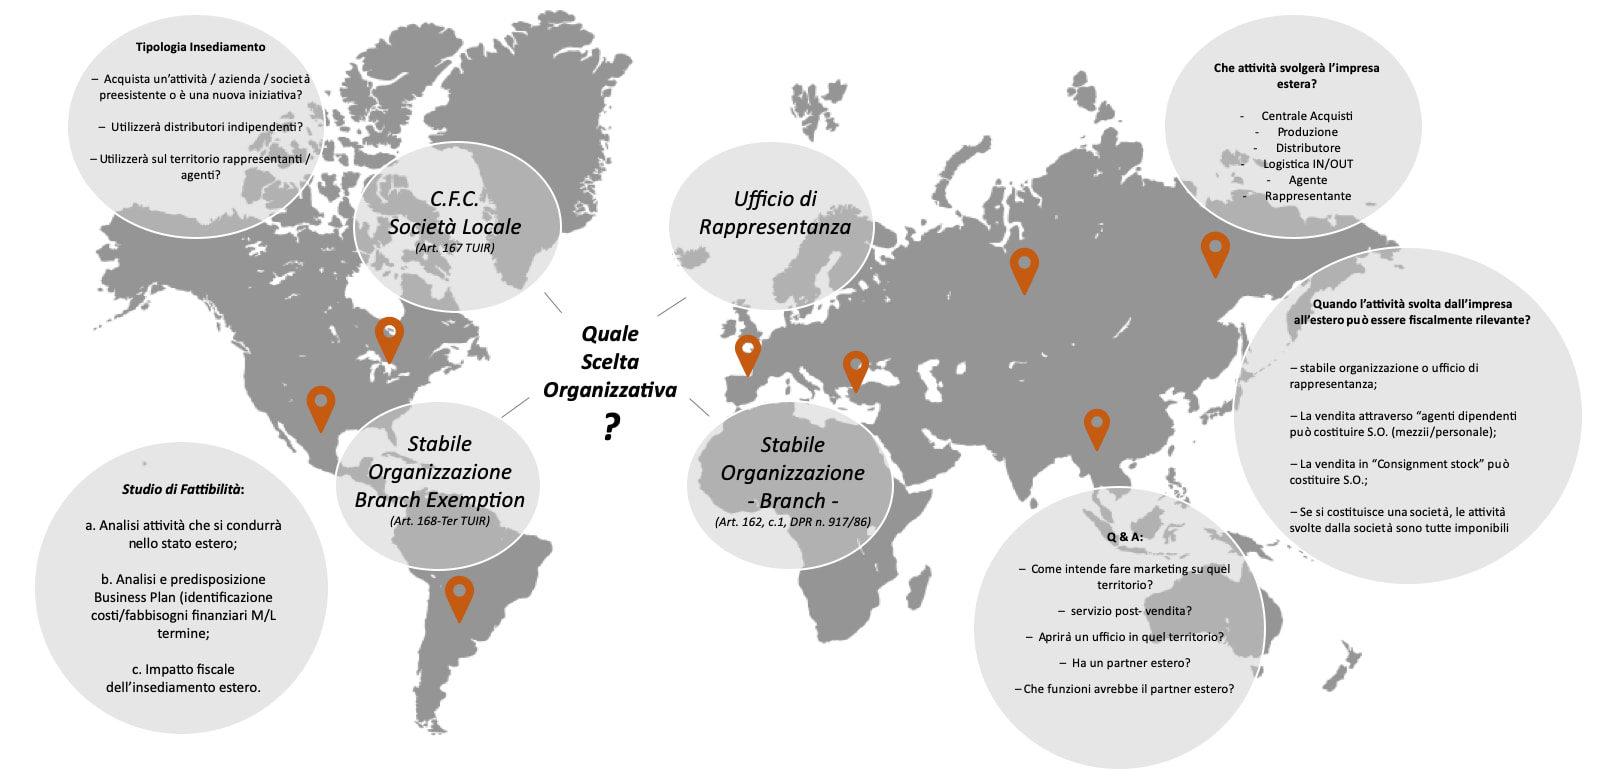 Consulenza d'internazionalizzazione delle imprese • Studio Bau'Martini, Verona, Milano, Varese ...